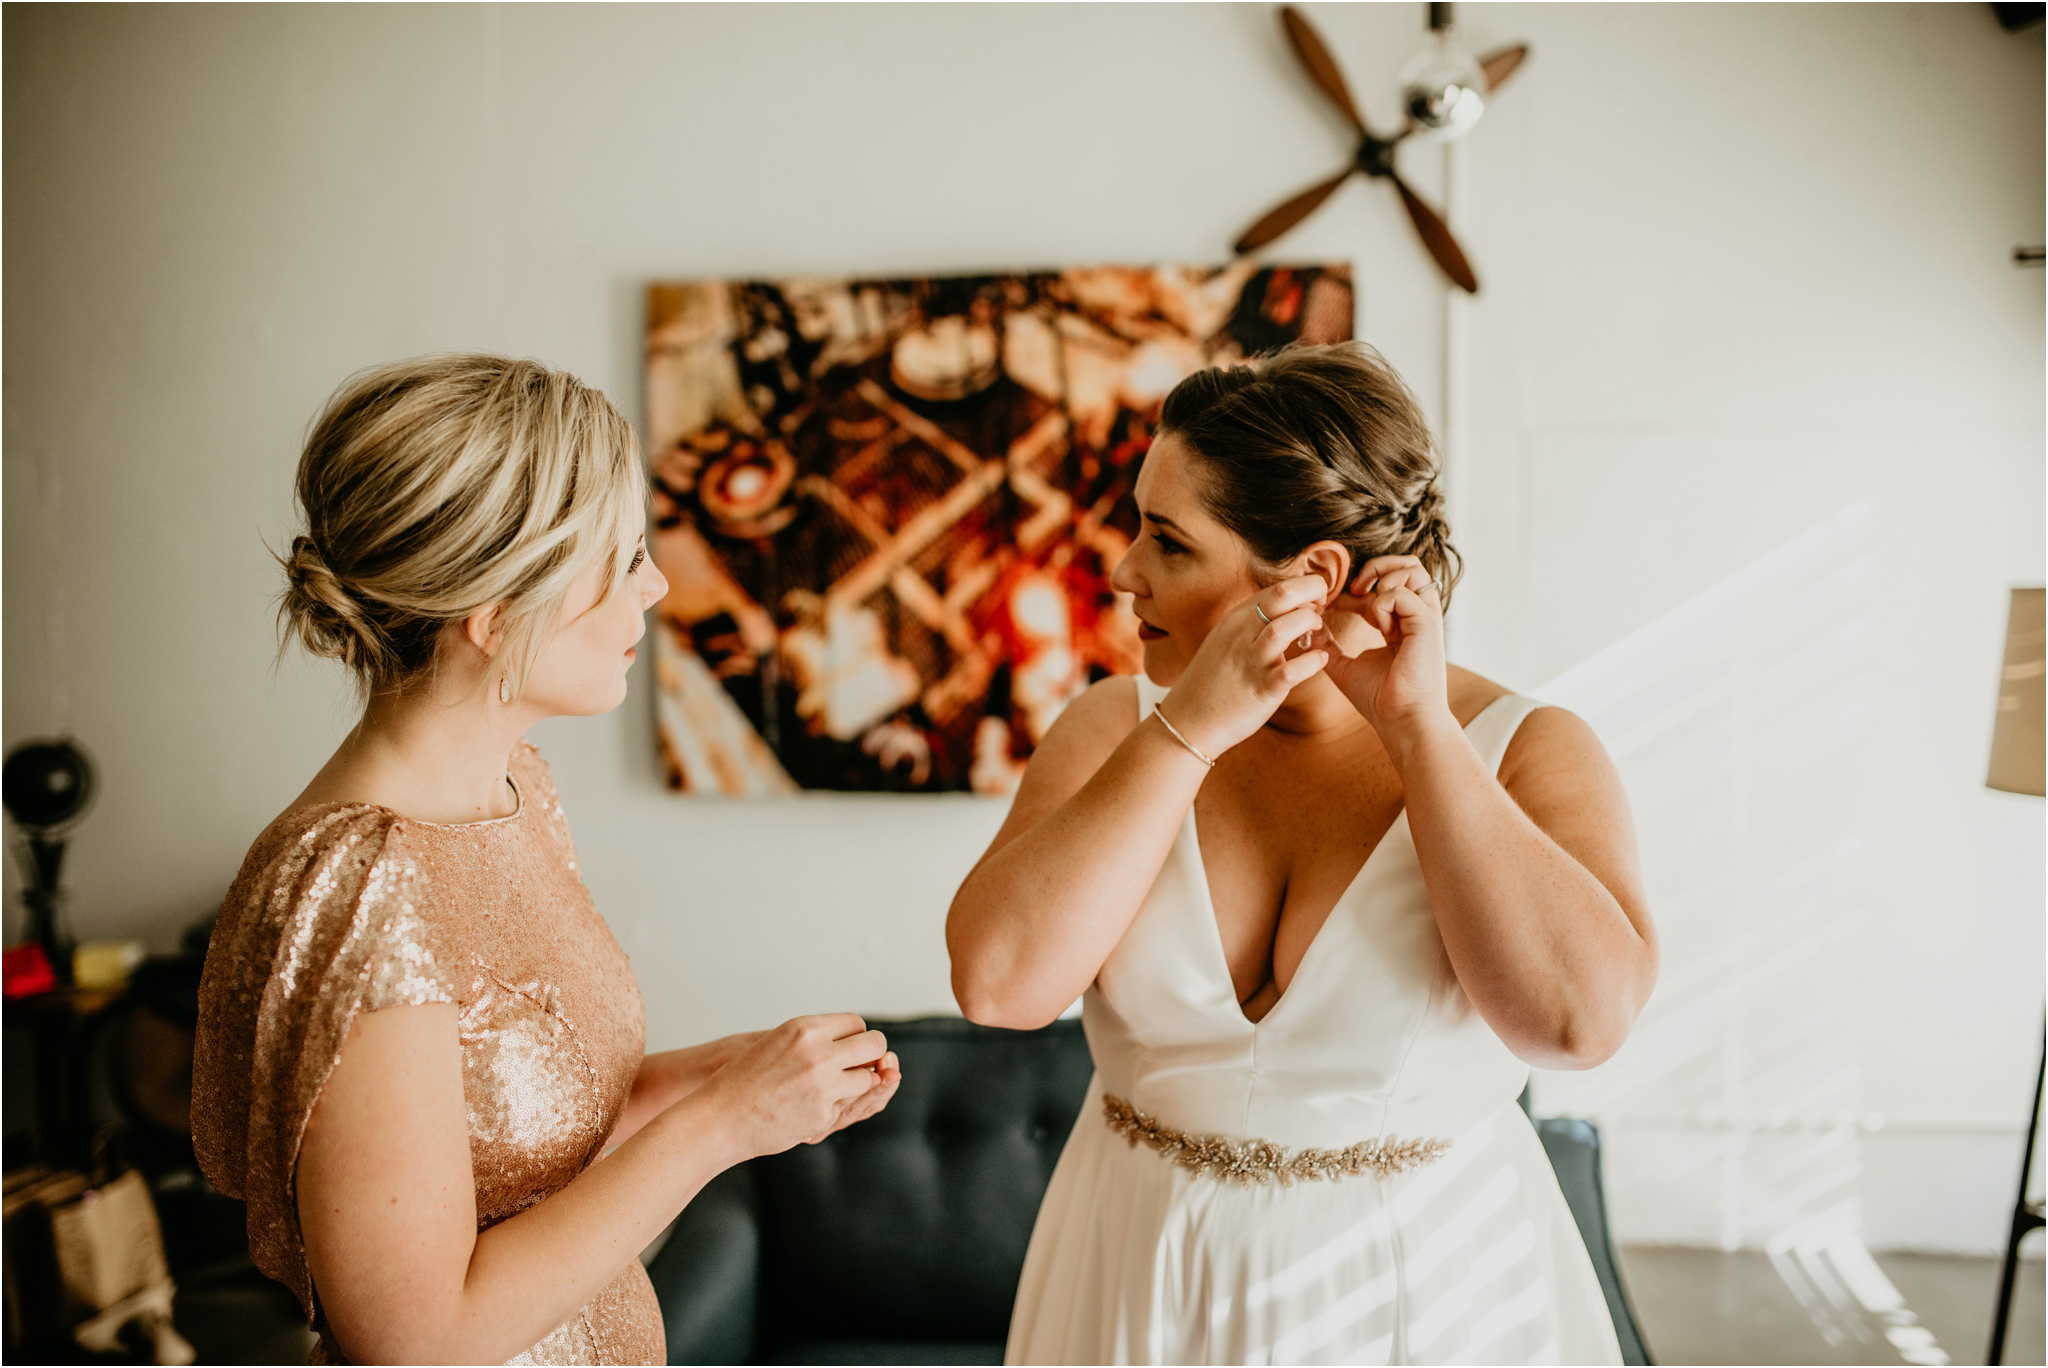 ashley-and-david-fremont-foundry-seattle-washington-wedding-photographer-016.jpg